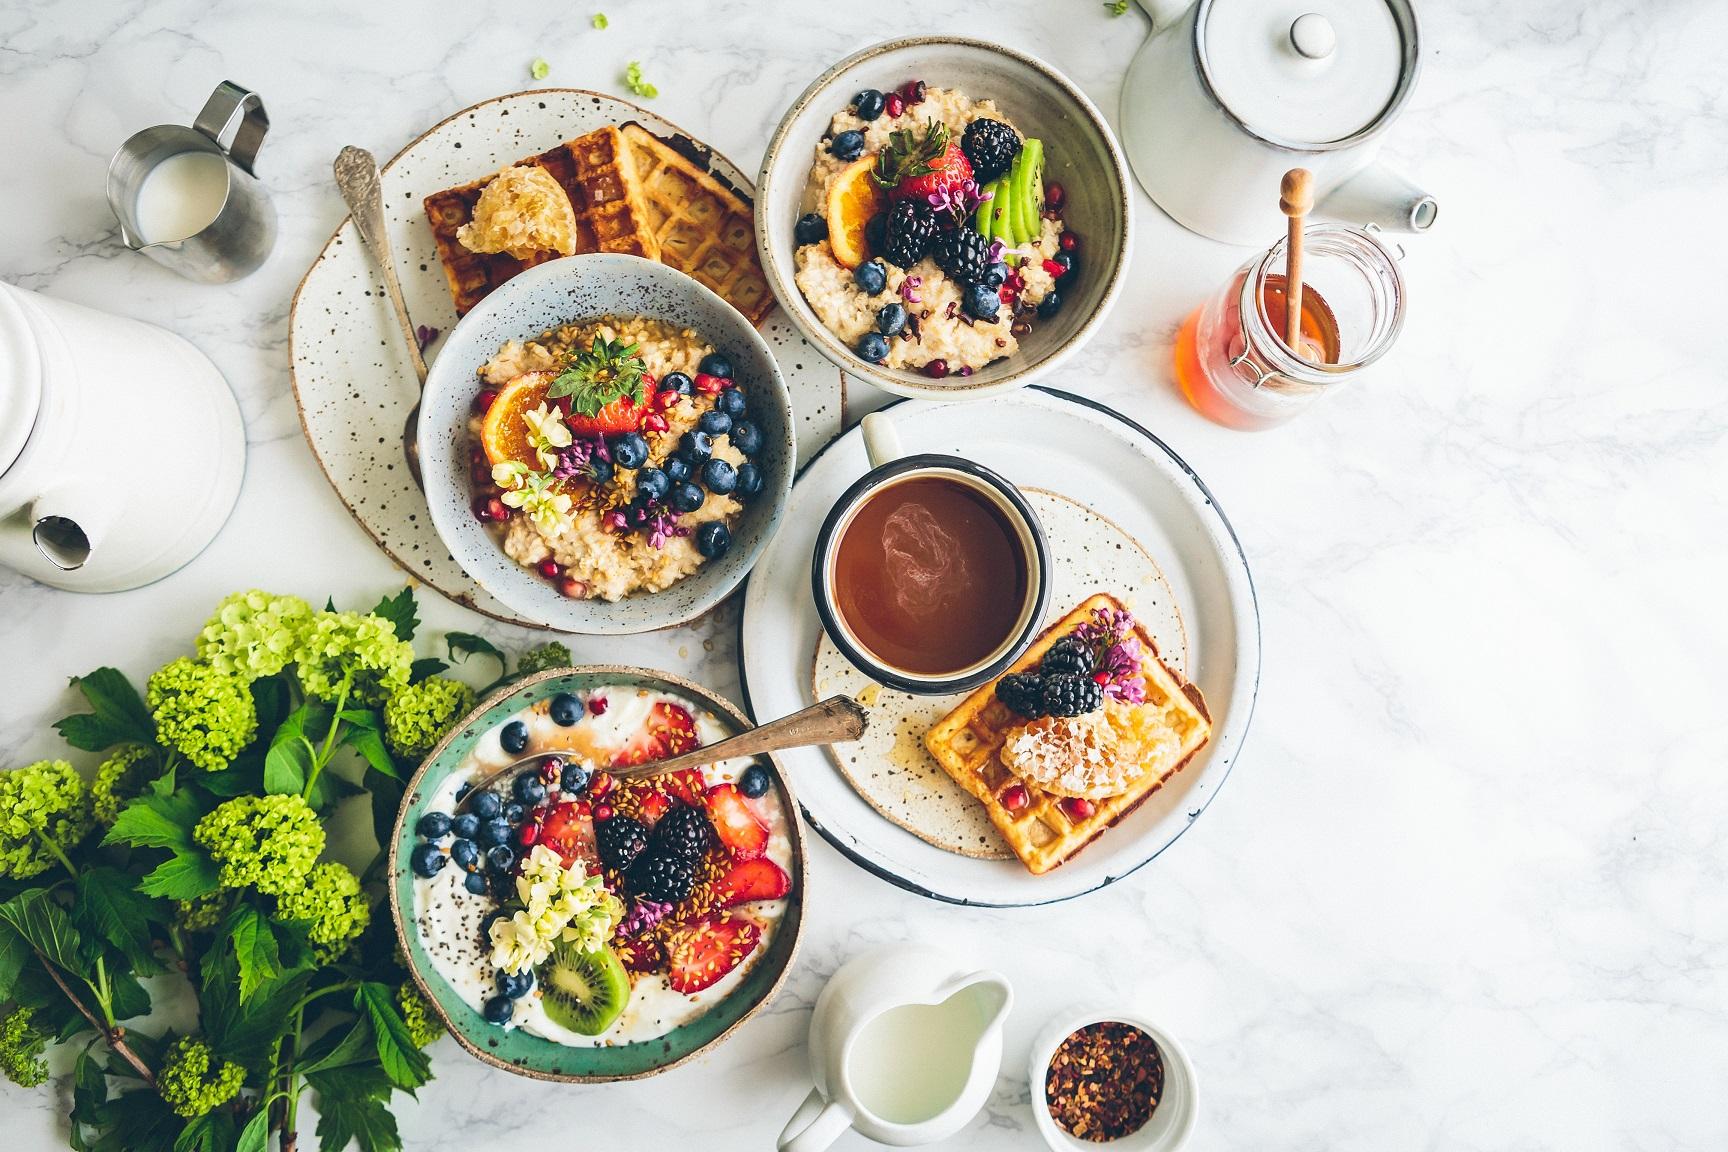 Chcesz wiedzieć, jak powinna wyglądać dieta na wakacjach, aby nie przybrać na wadze? Przeczytaj dzisiejszy wpis i poznaj nasze wskazówki!